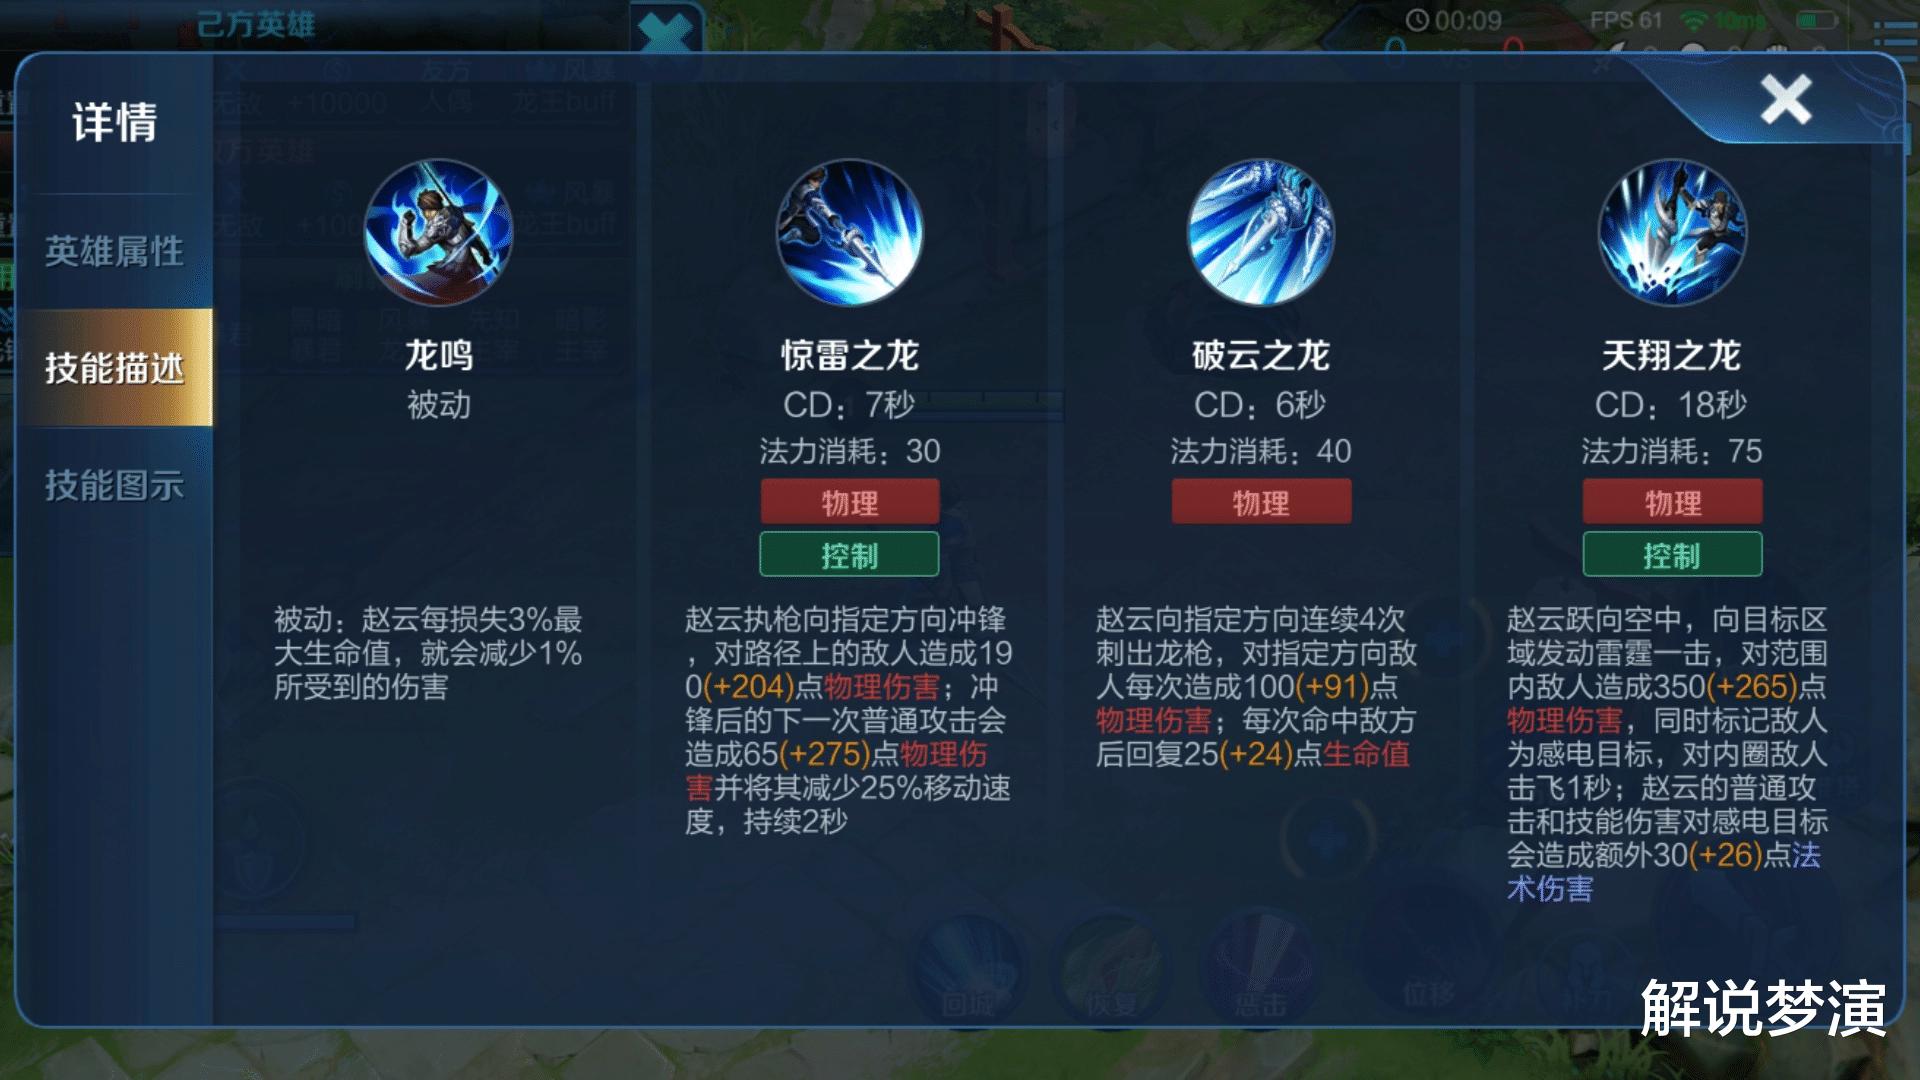 王者荣耀:赵云打野版本强势归来,前期稳住注意多抓人!